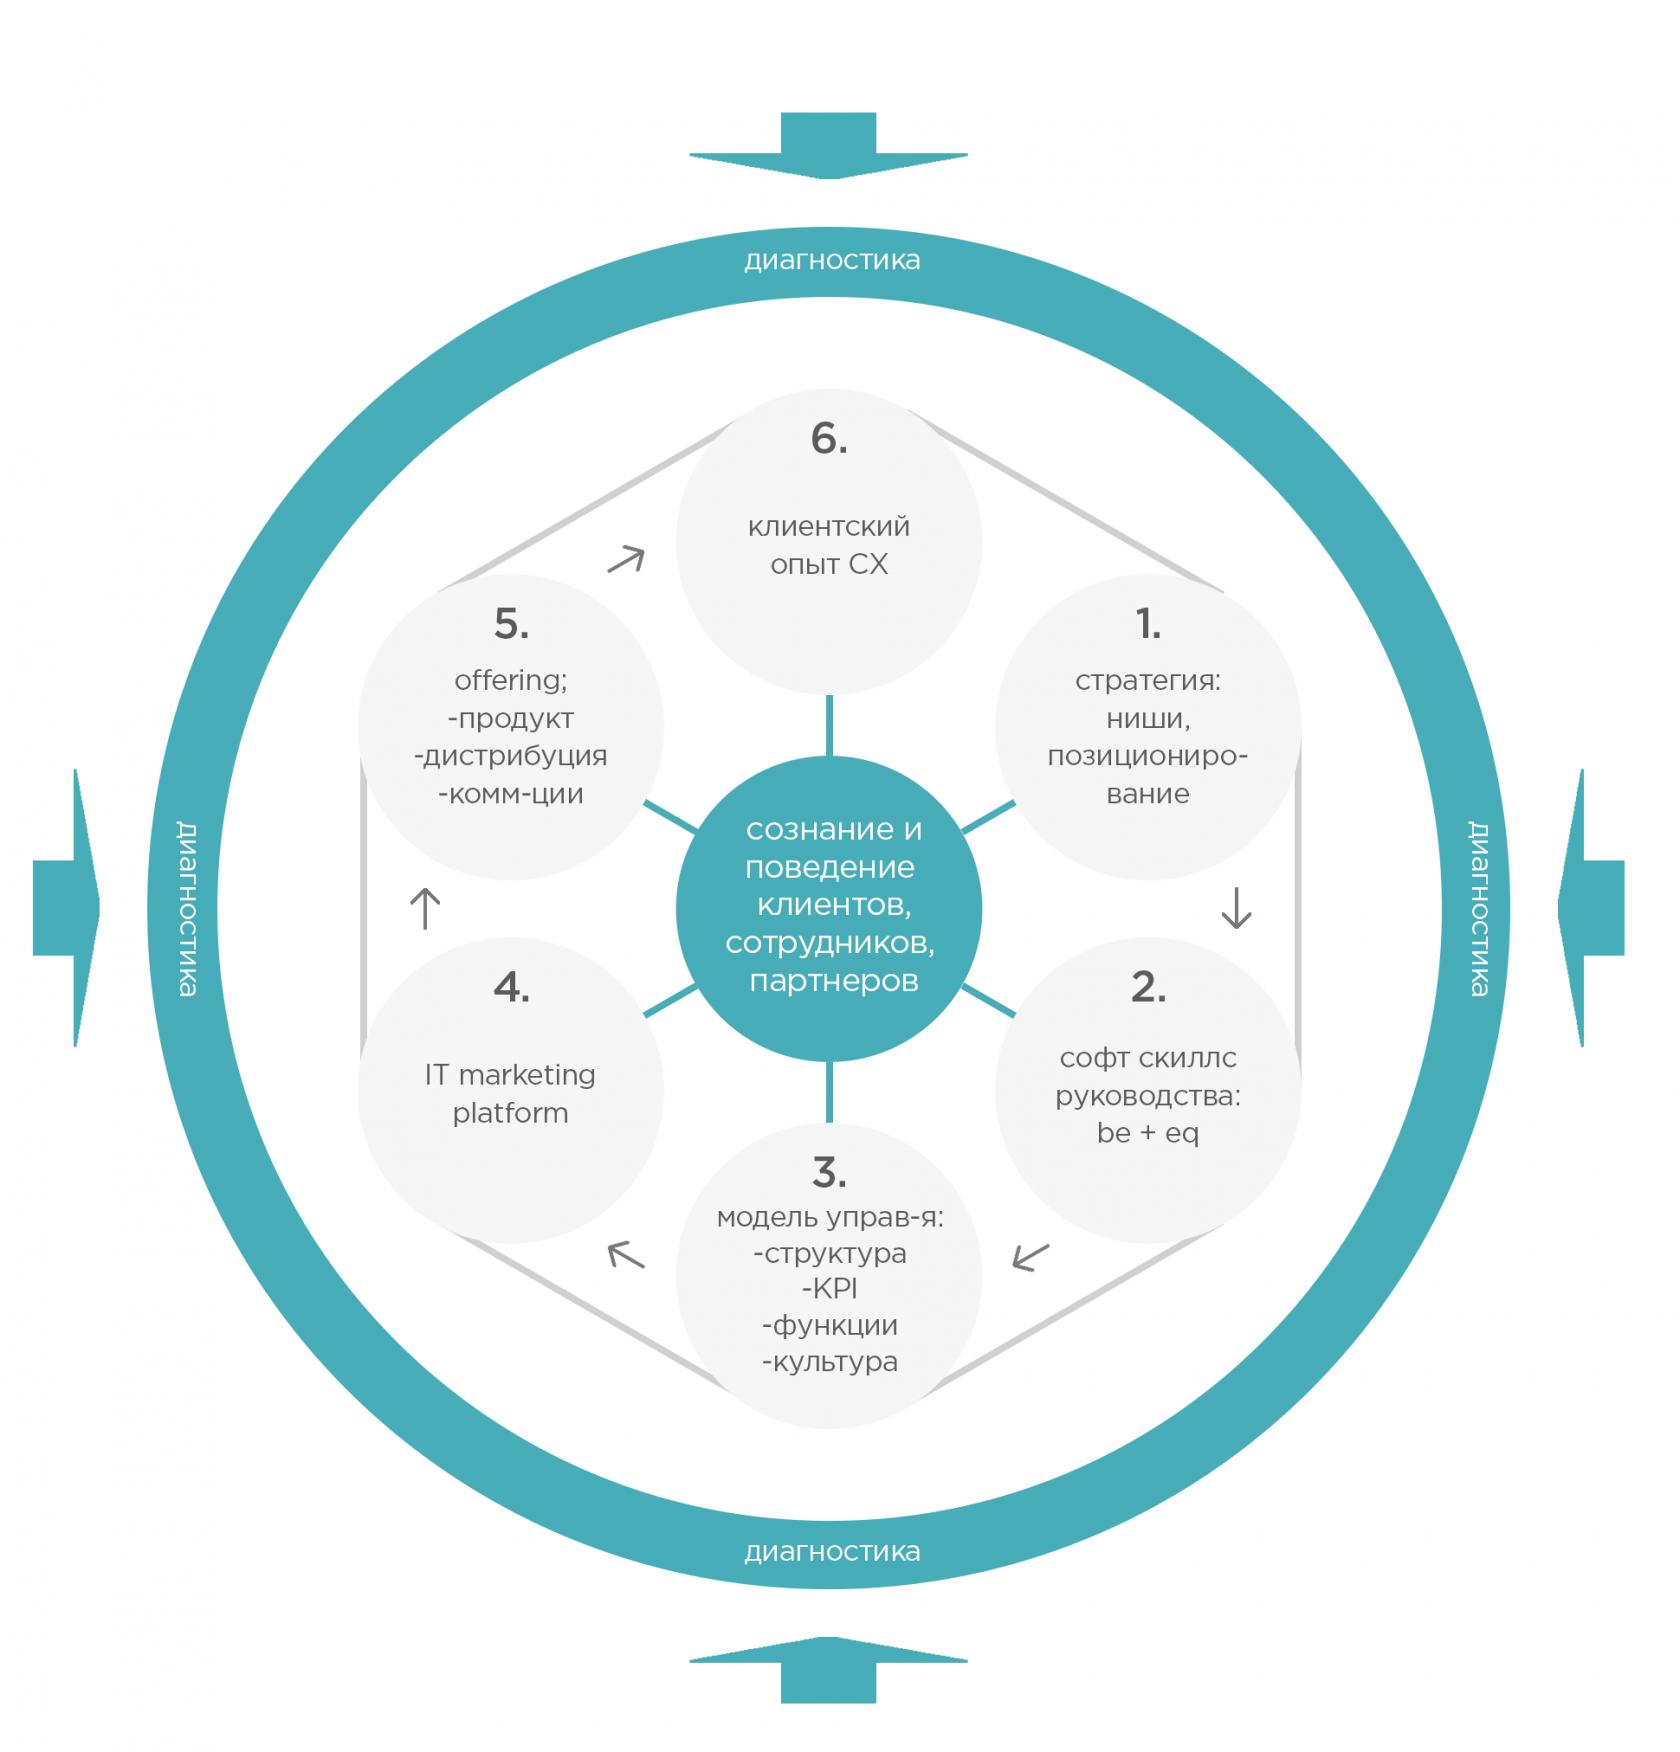 стратегия пользовательского опыта, cx-стратегия, цифровая трансформация, цифровизация, человекоцентричность, человеко-центричность, цифровая экономика, экономика опыта, cx-трансформация, servitization, человекоцентричная трансформация